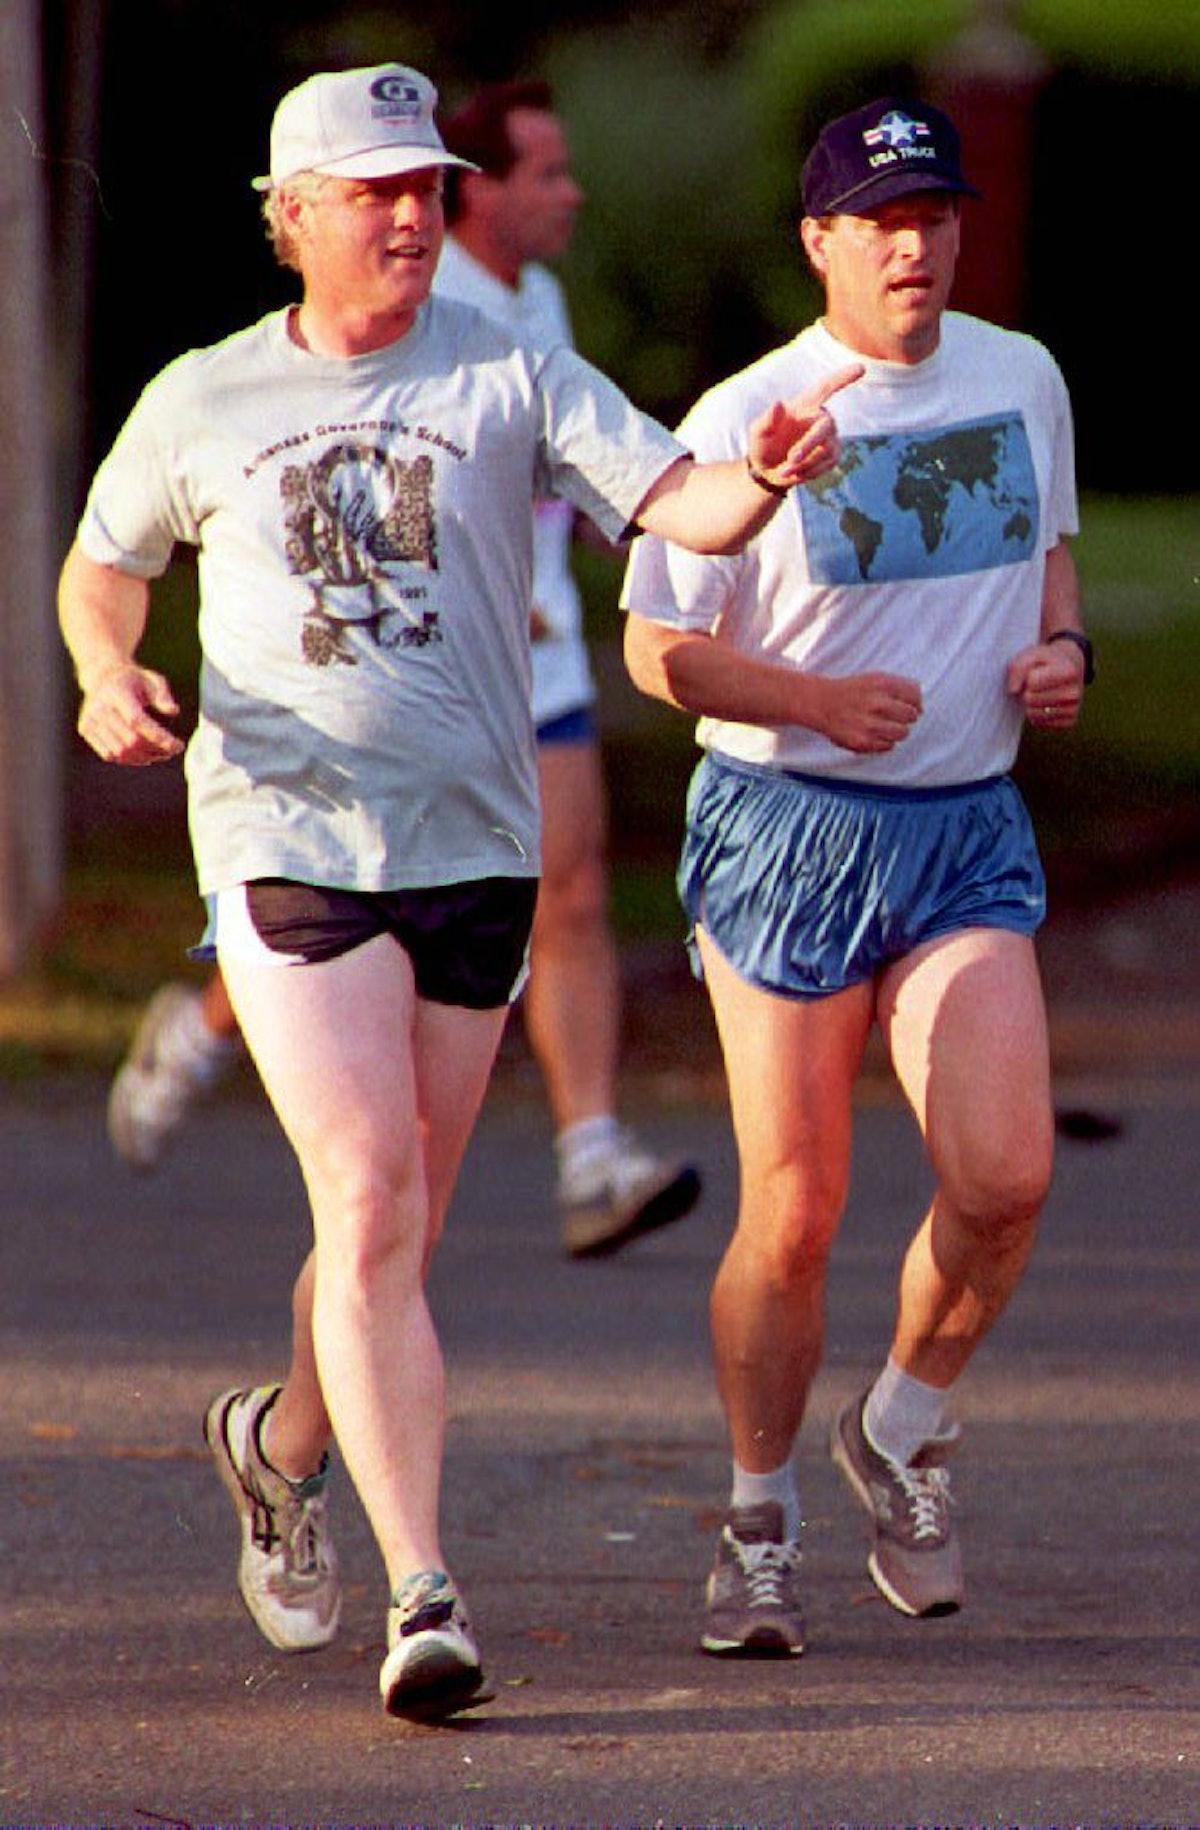 Bill Clinton and Al Gore jog.